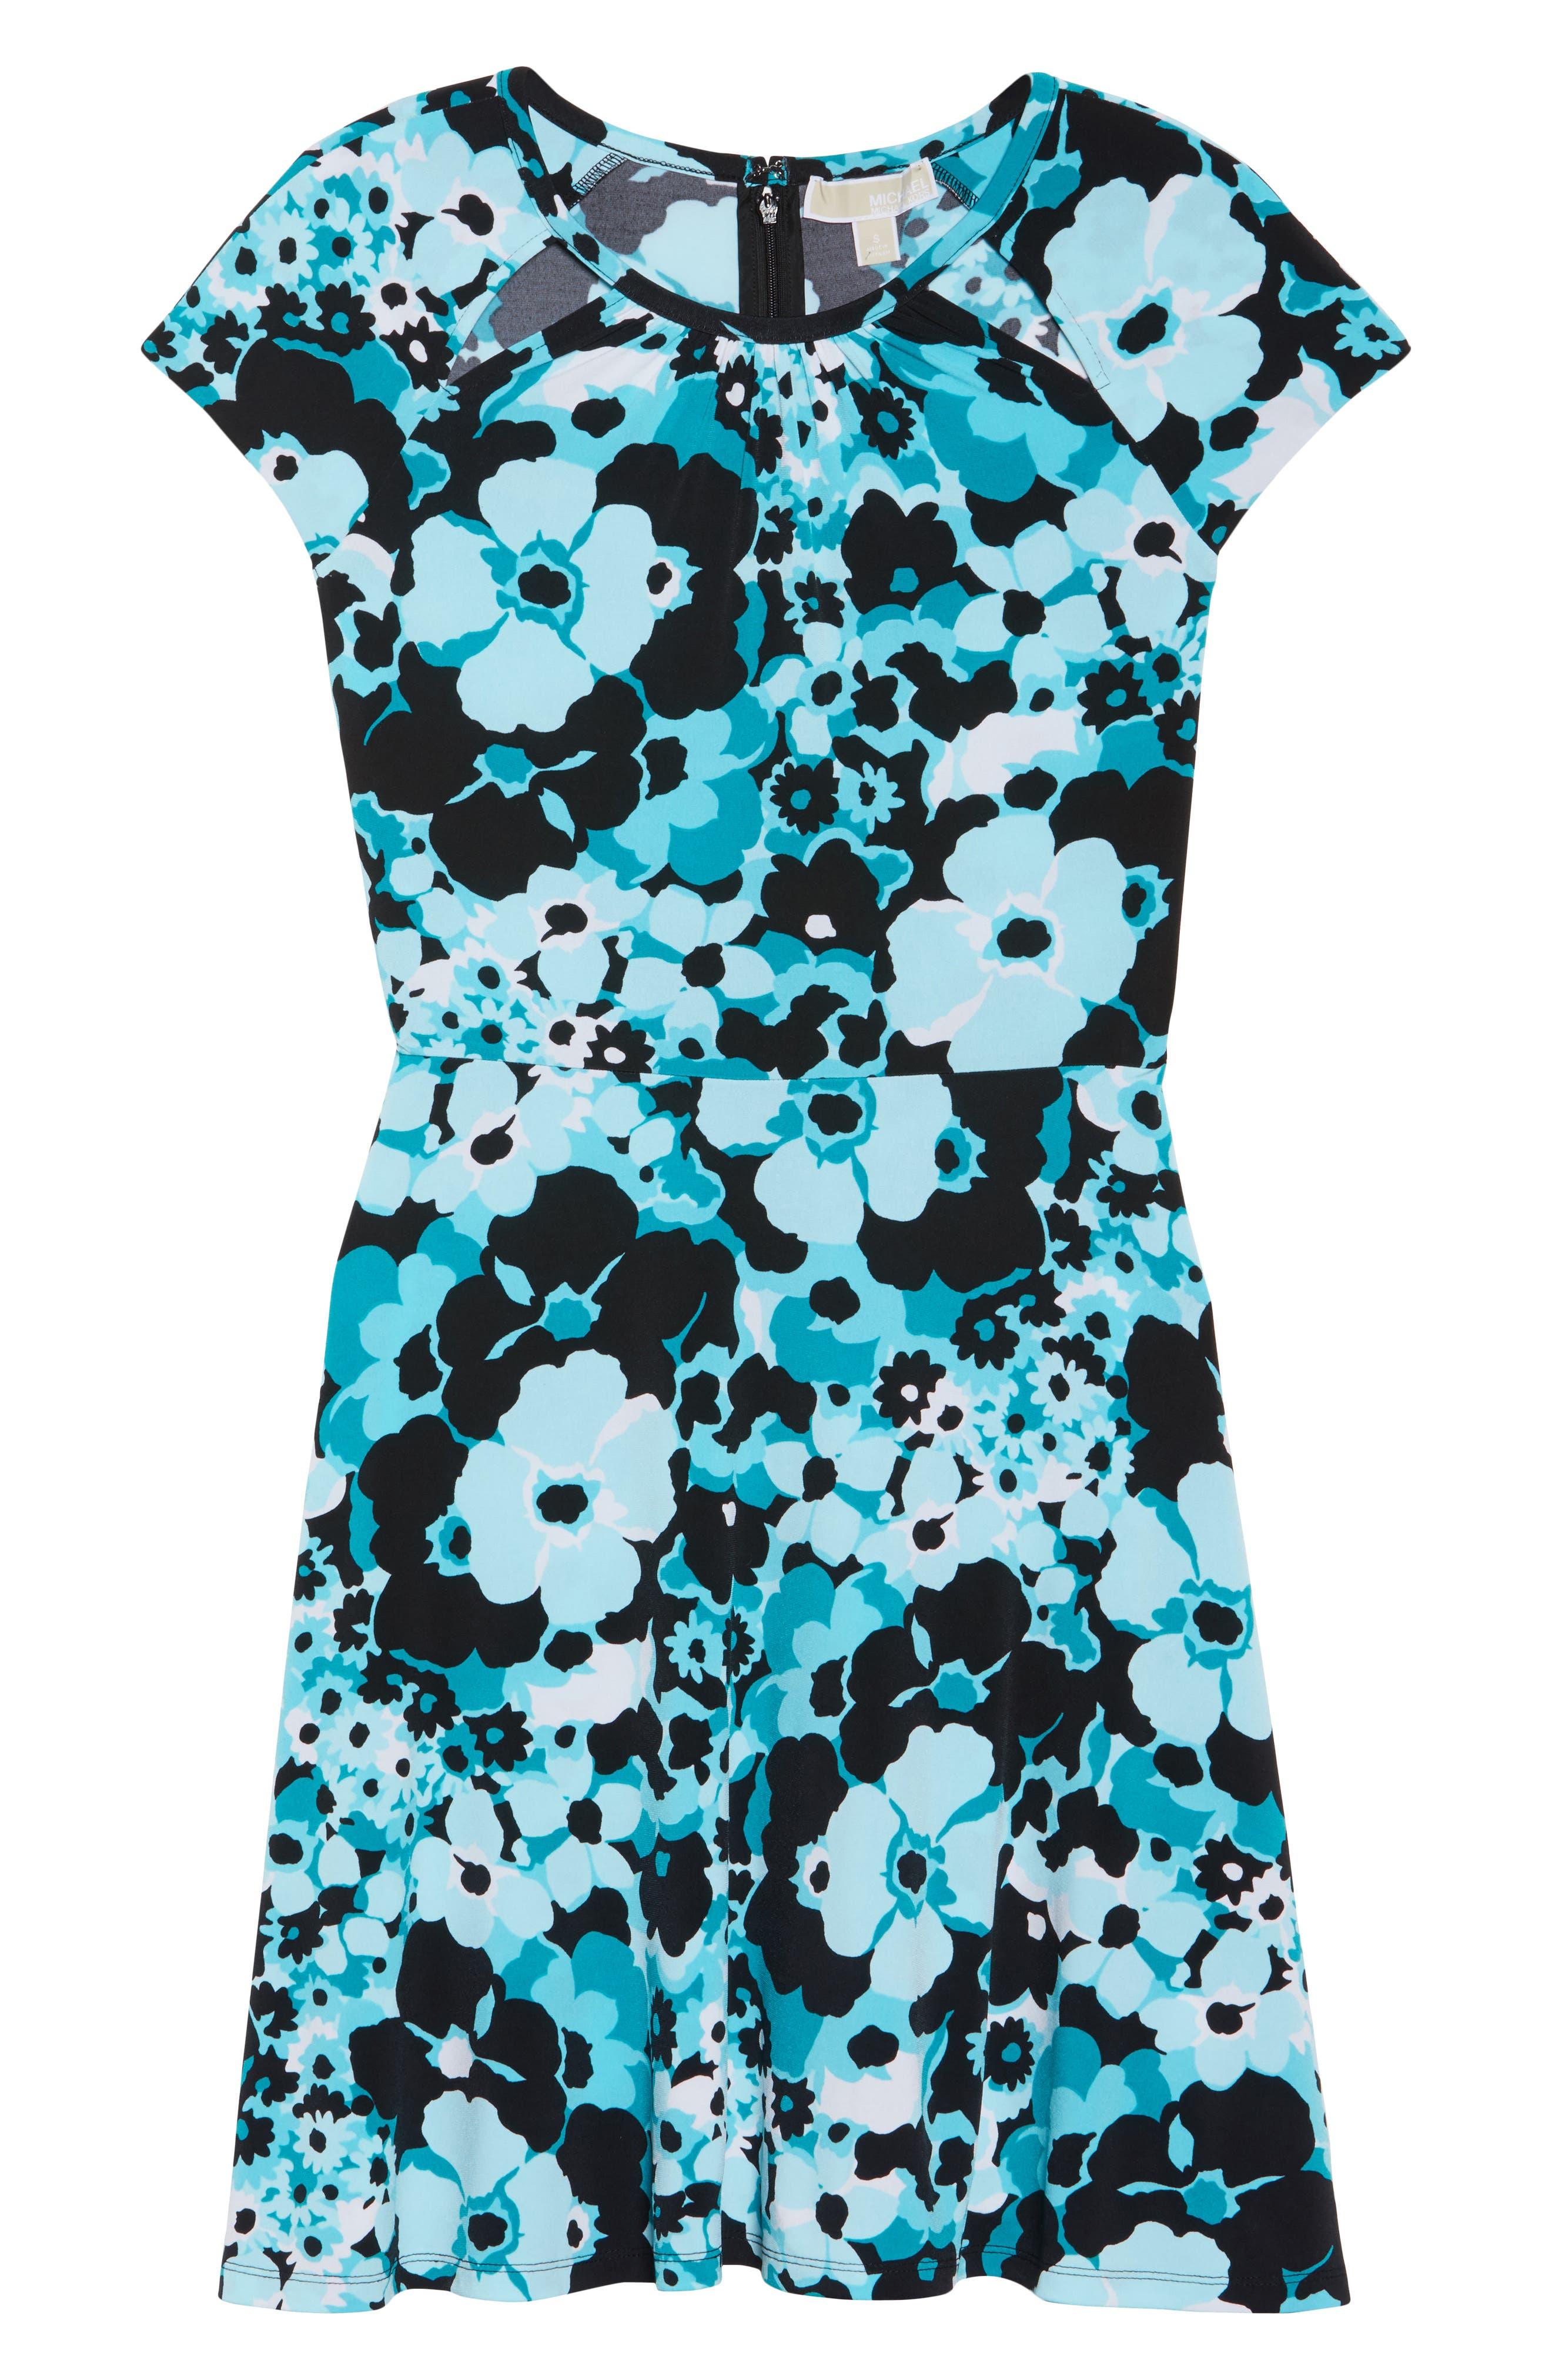 Springtime Floral Cutout Dress,                             Alternate thumbnail 6, color,                             494